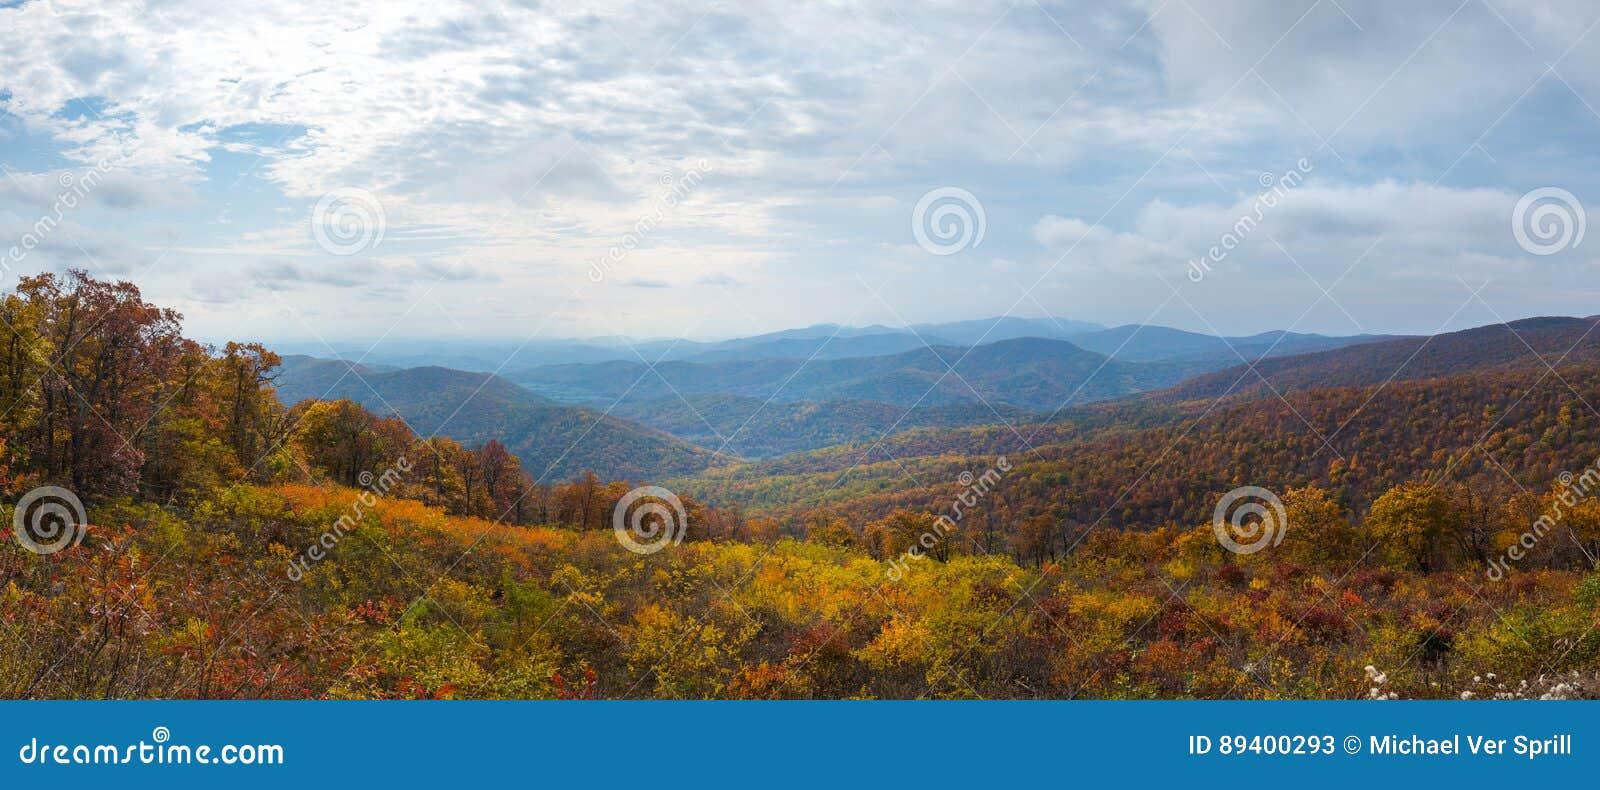 Panorama do parque nacional de Shenandoah